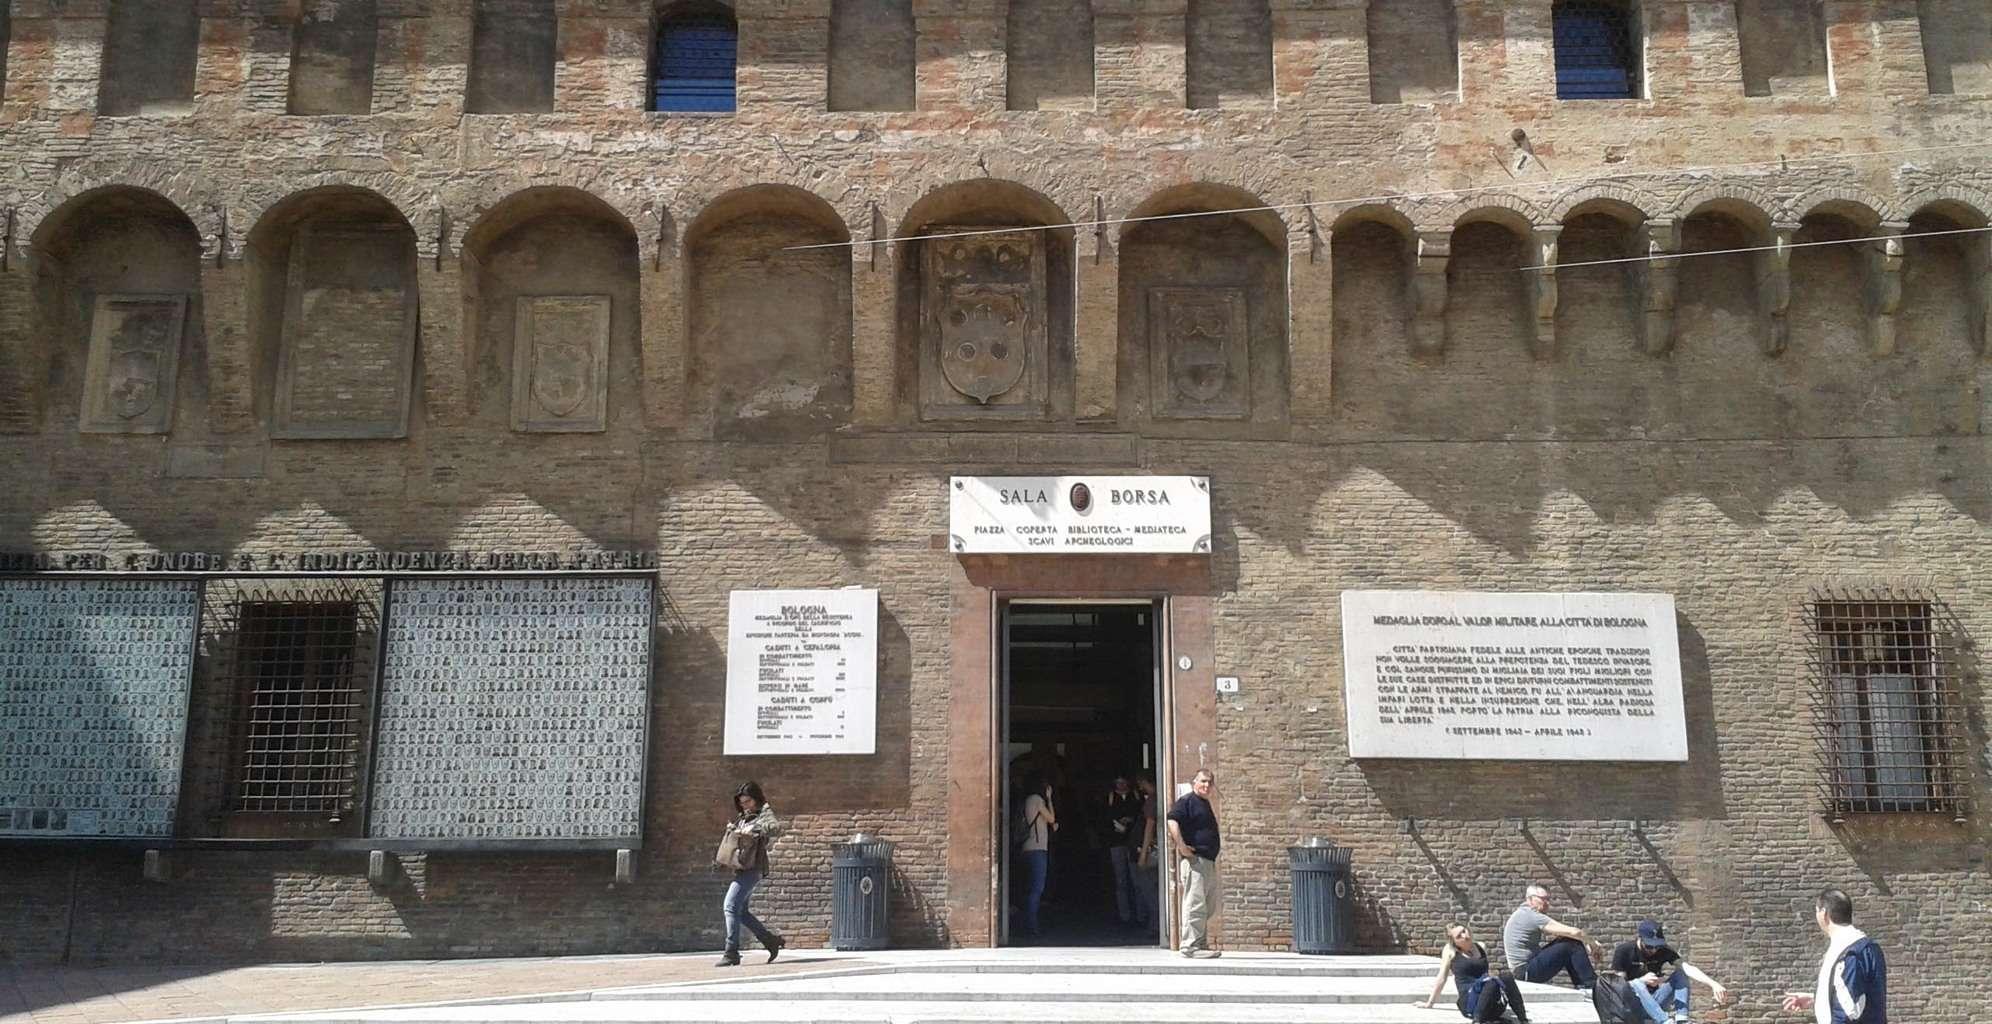 Bologna's Sala Borsa, Piazza Nettuno